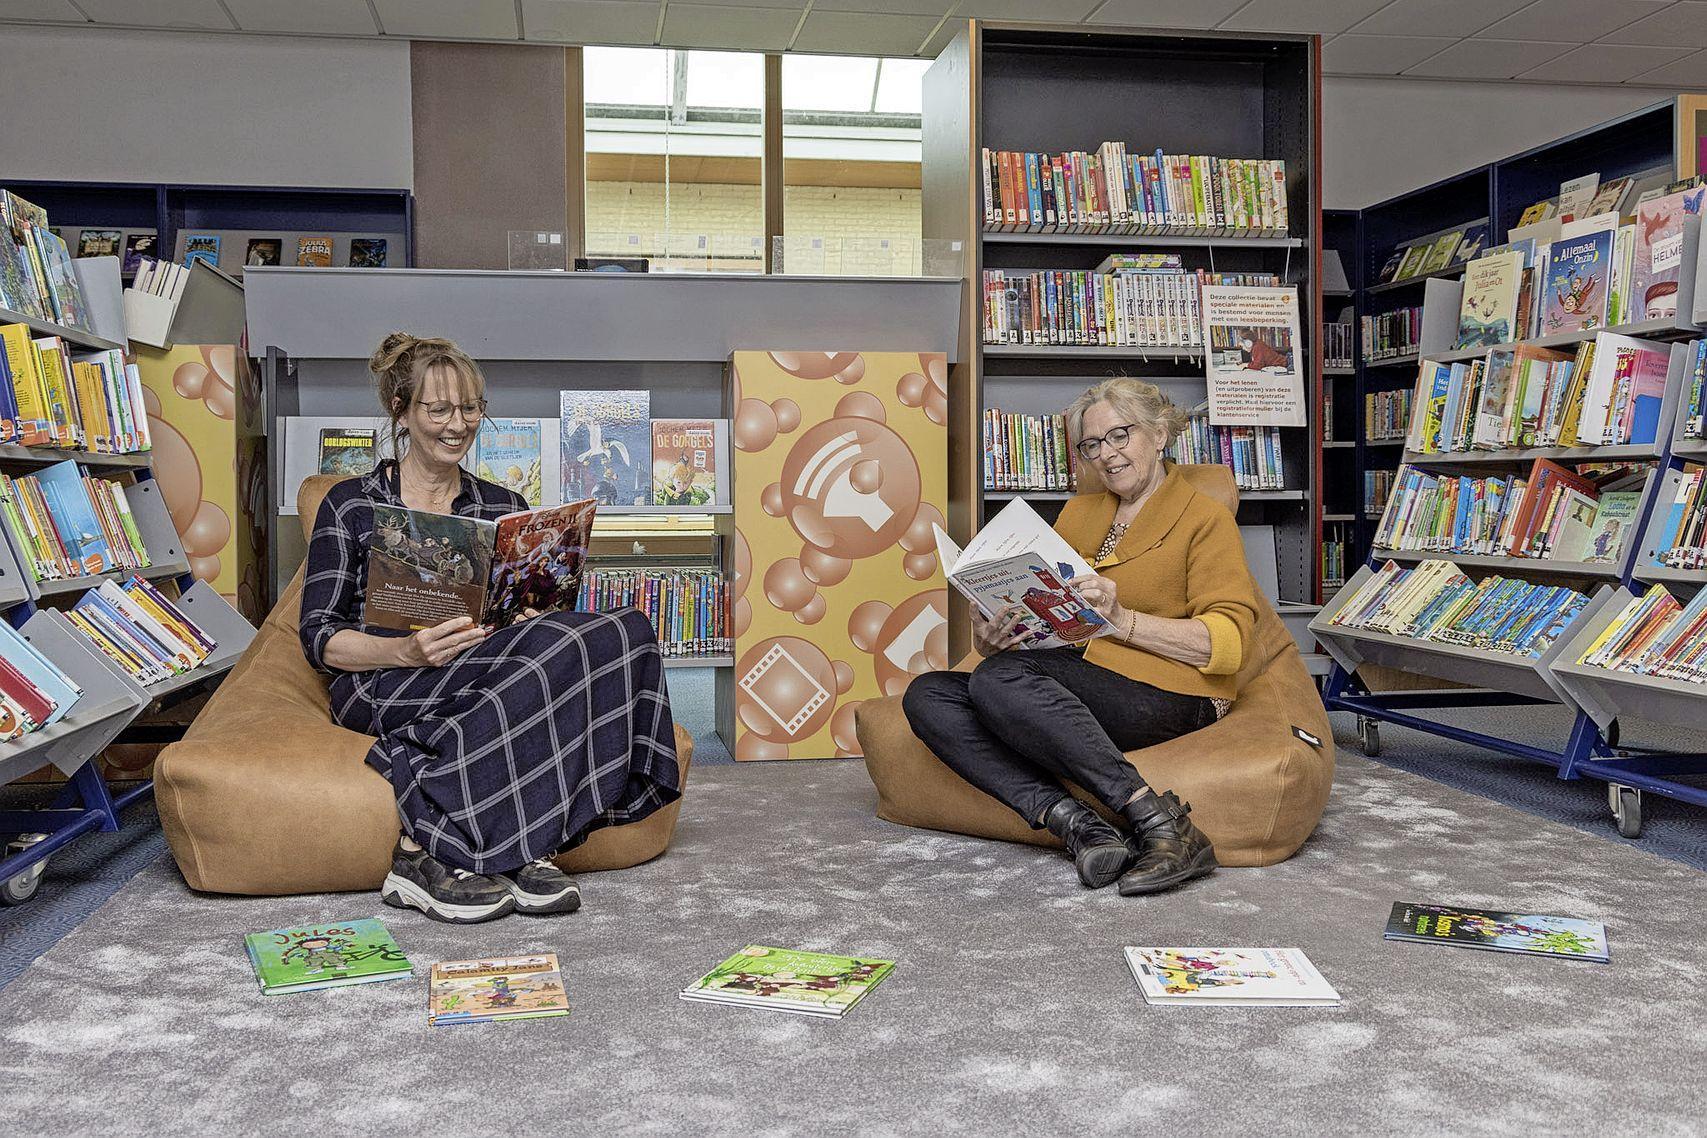 Na maanden tasjes afhalen, is de bibliotheek weer open. 'Mensen vinden het toch fijner om zelf tussen de boeken te snuffelen'